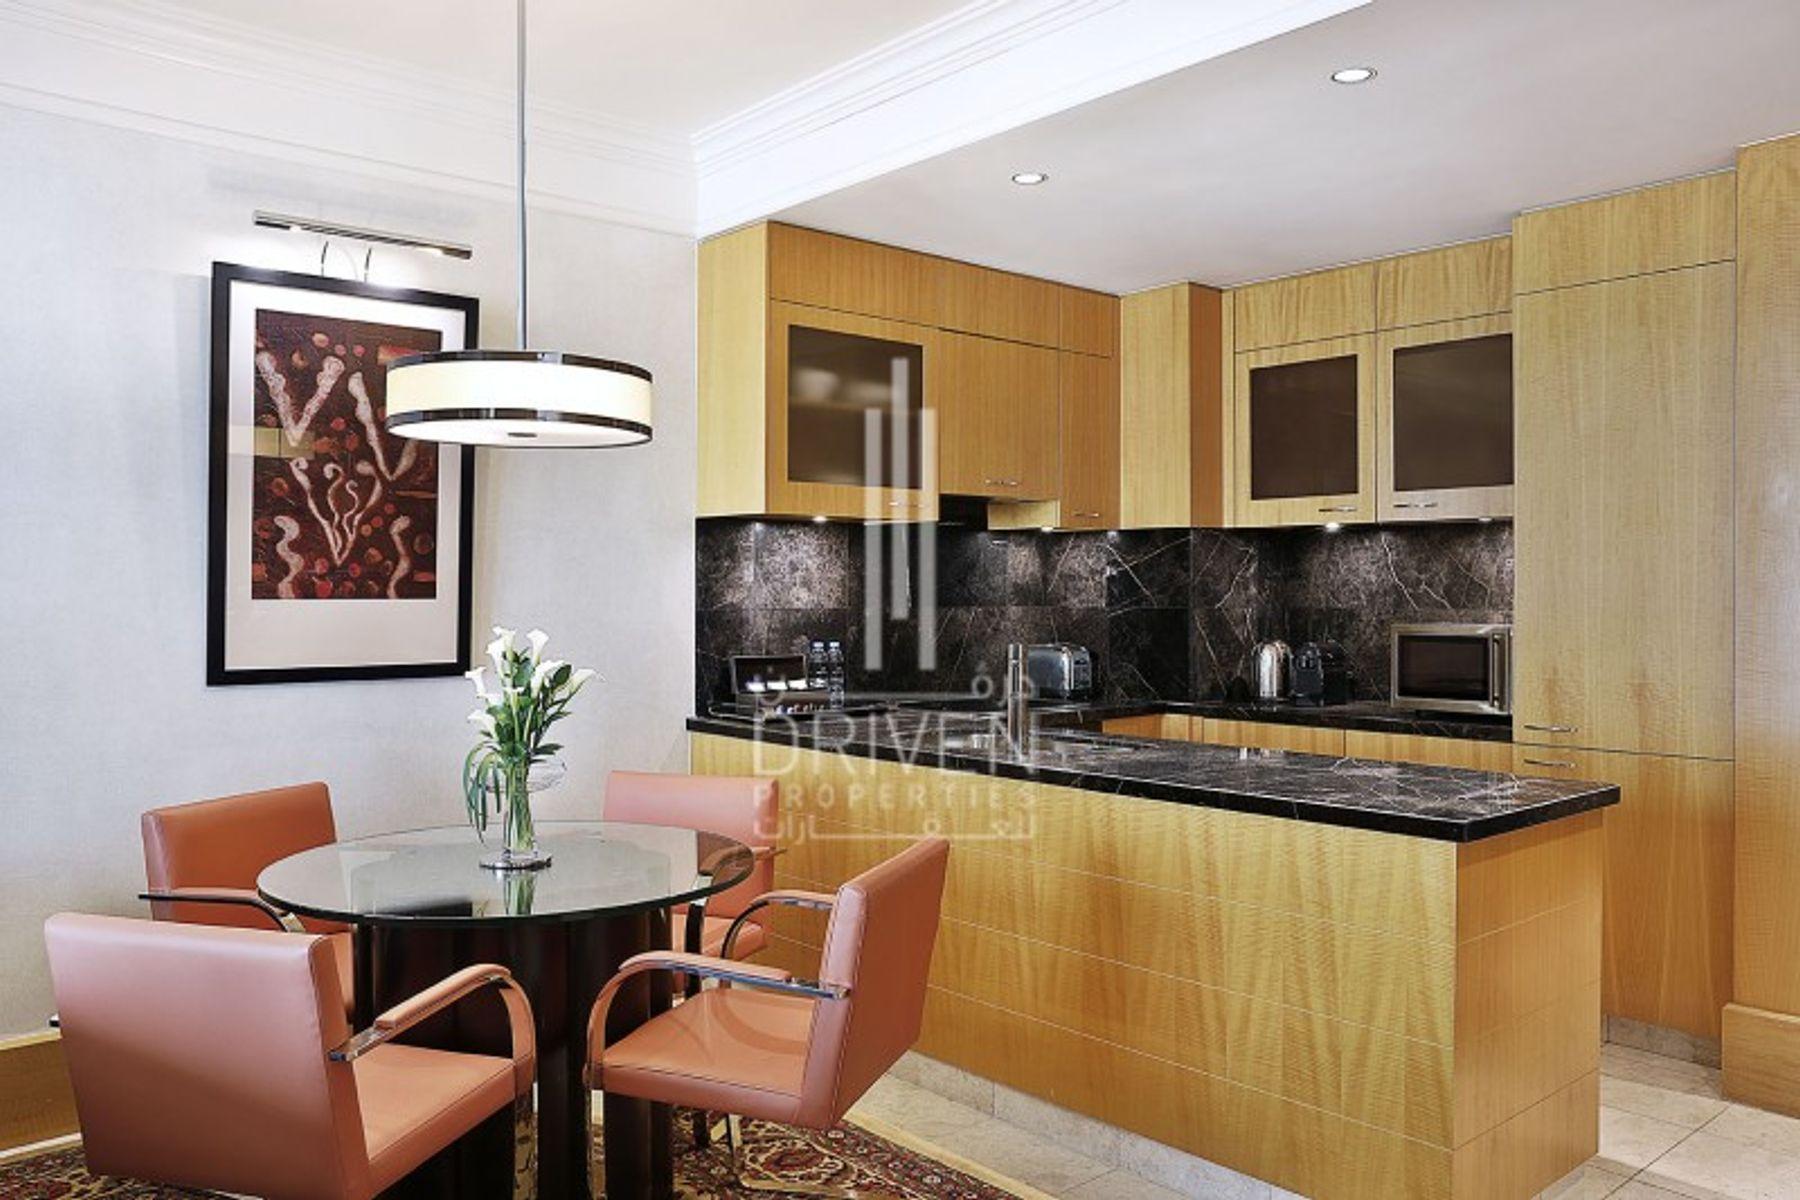 للايجار - شقة - ريتز كارلتون, مركز دبي المالي العالمي